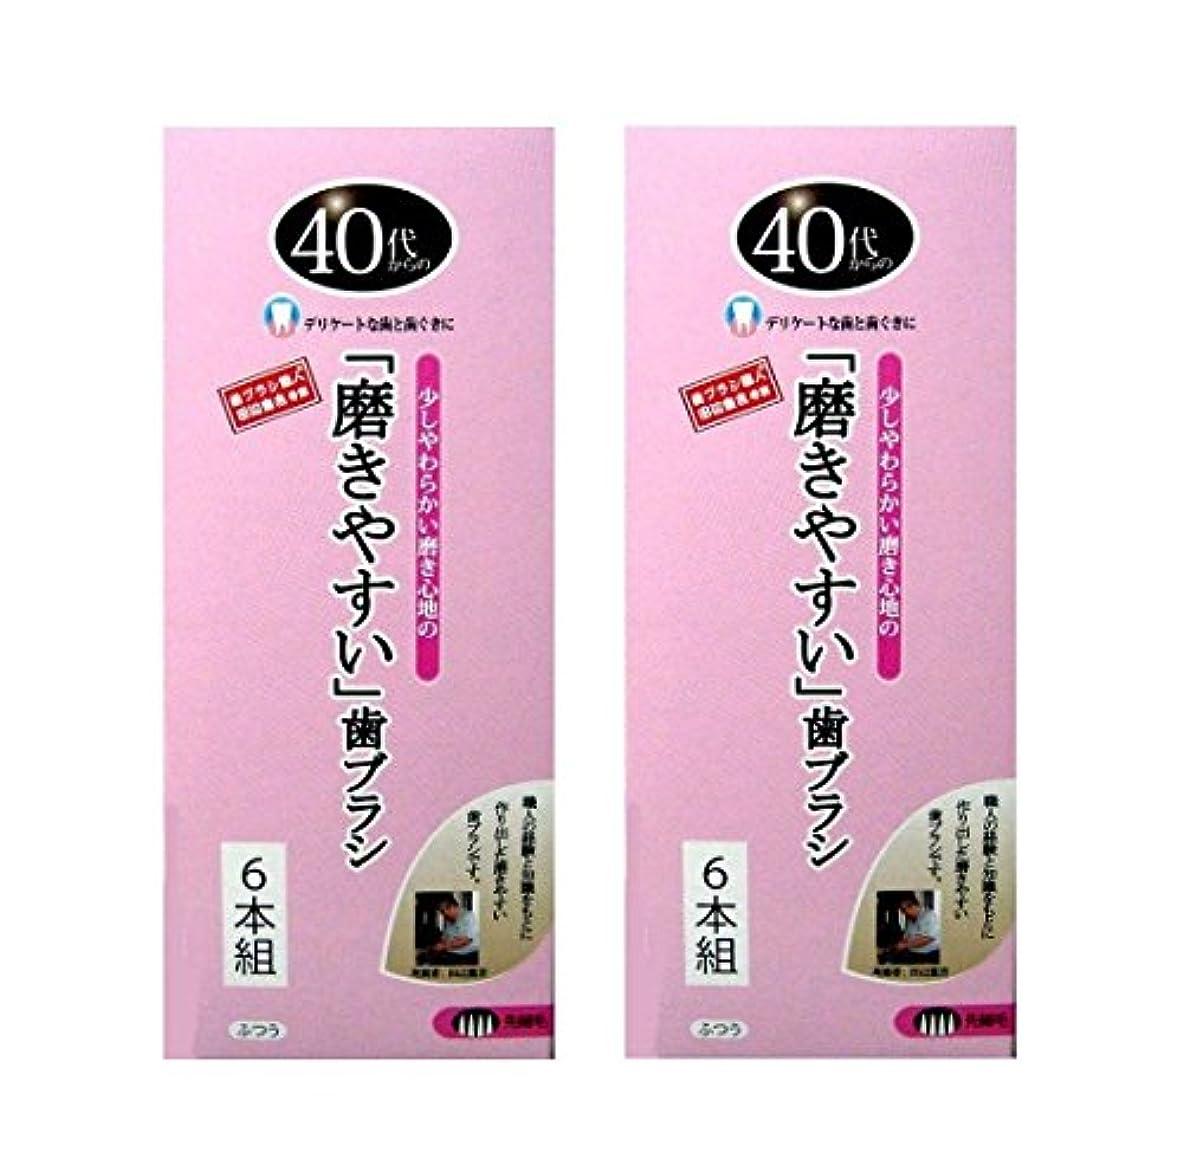 確立野生ルート歯ブラシ職人 Artooth ® 田辺重吉の磨きやすい 40代からの歯ブラシ 歯ぐきにやさしい 細めの毛 先細毛 日本製 12本セットLT-15-12